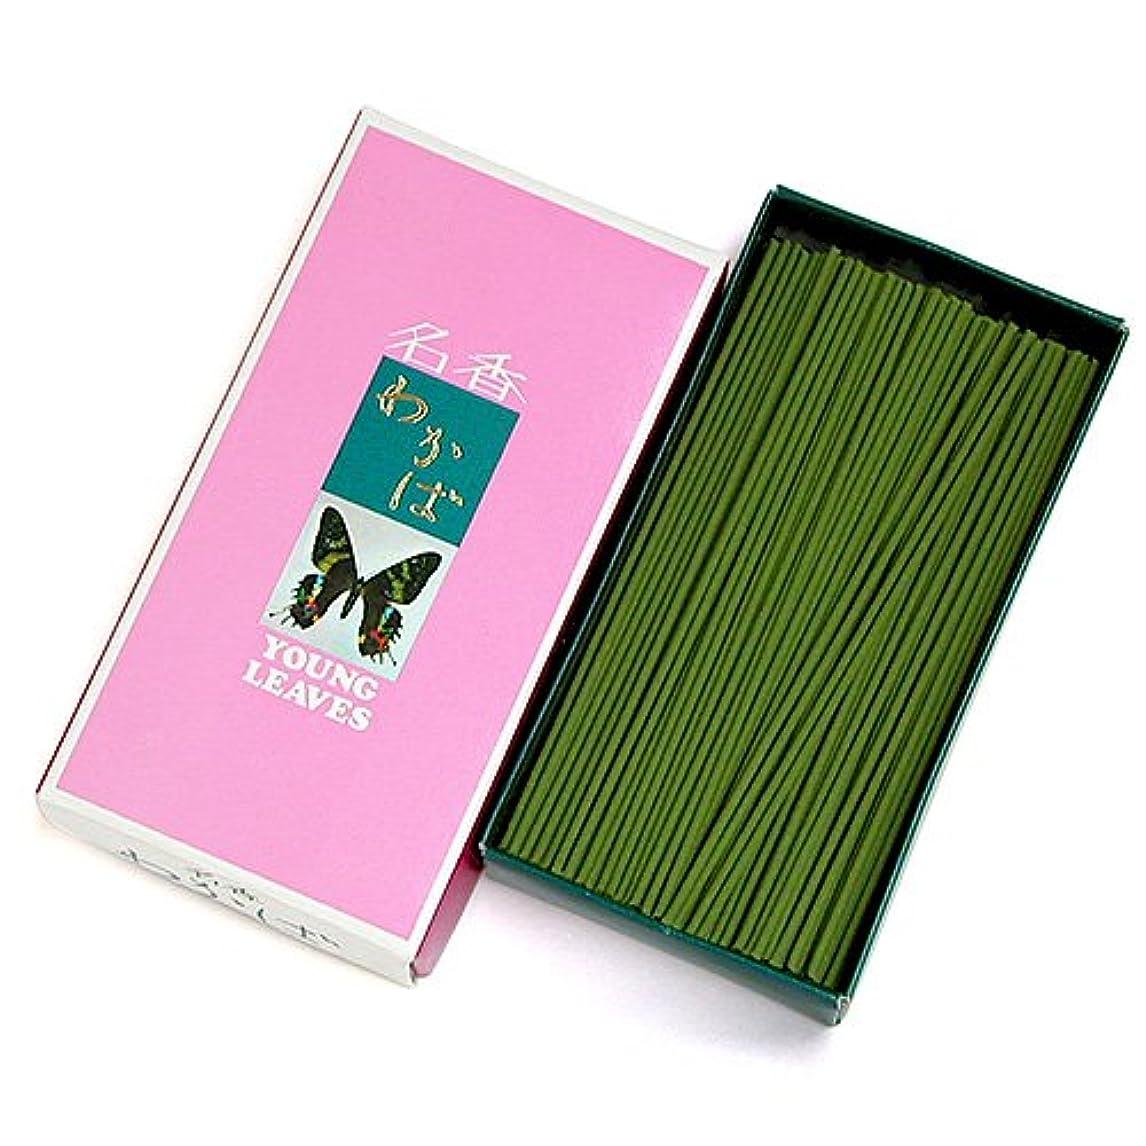 正しくスチュアート島塩辛い家庭用線香 わかば(箱寸法16×8.5×3.5cm)◆香木と調和した香水の香りのお線香(大発)